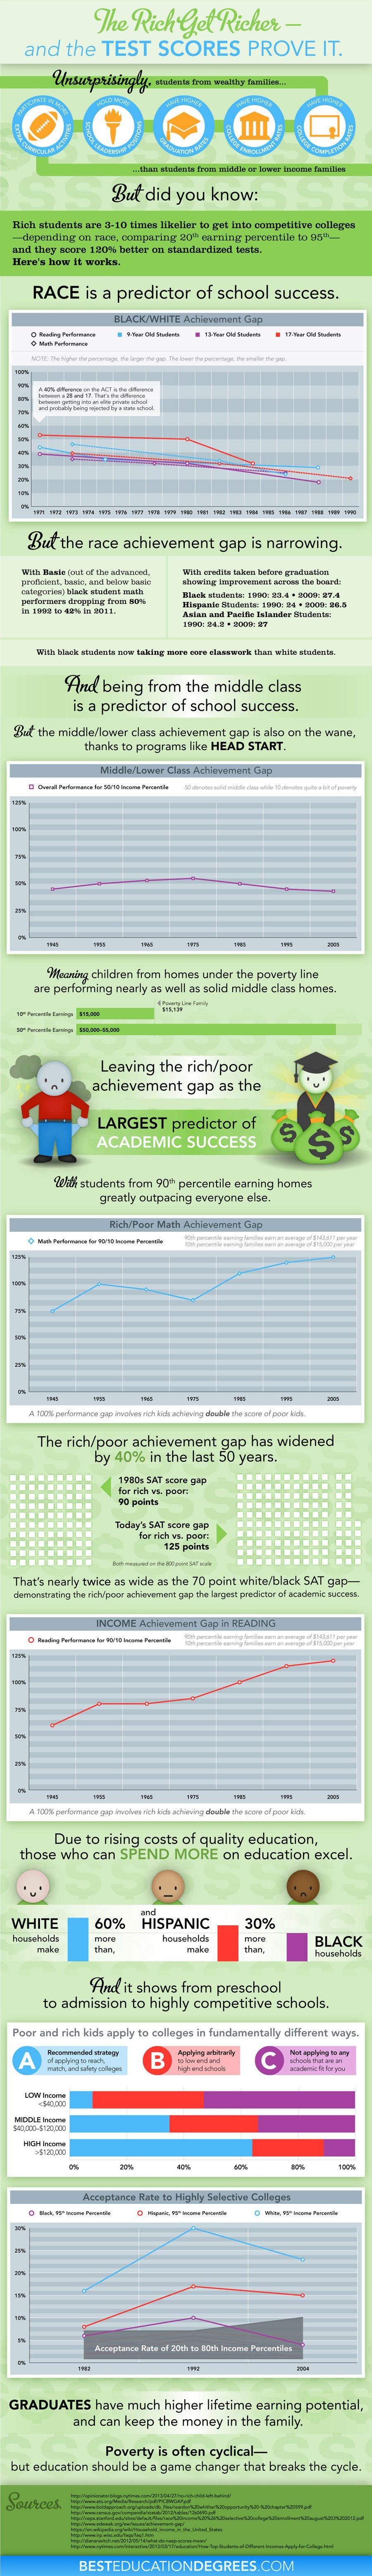 rich-poor-gap